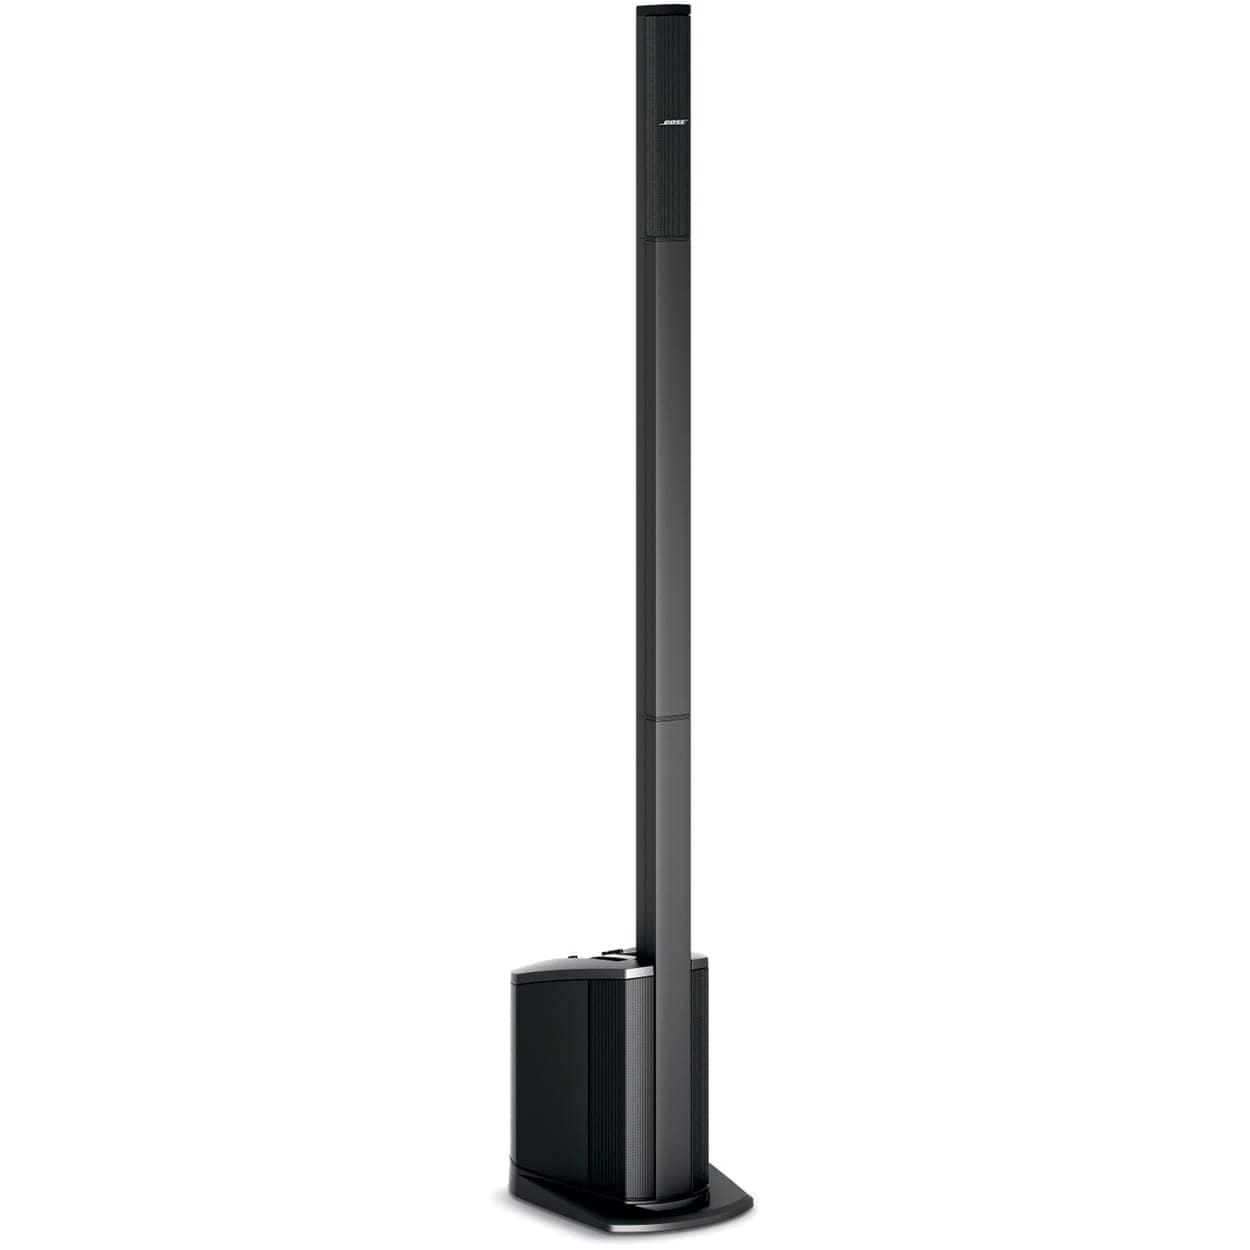 Enceinte amplifiée Bose L1 Compact